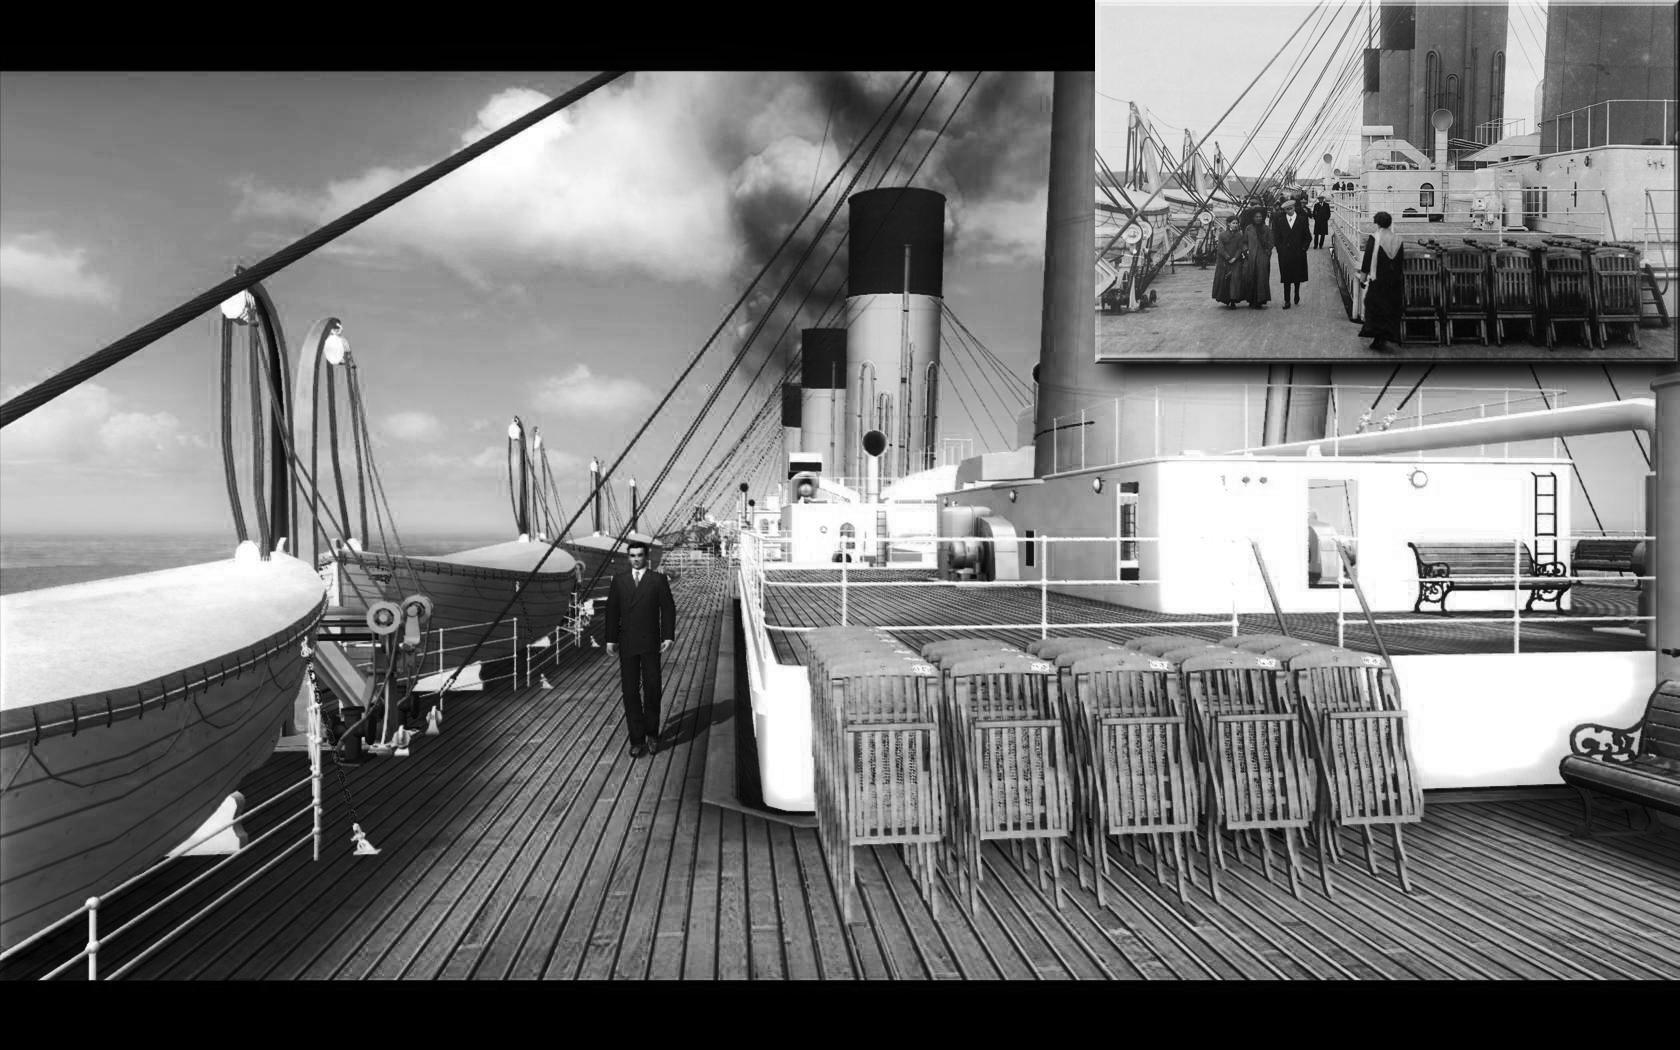 Adding deckchairs image - Mafia Titanic Mod for Mafia: The ...